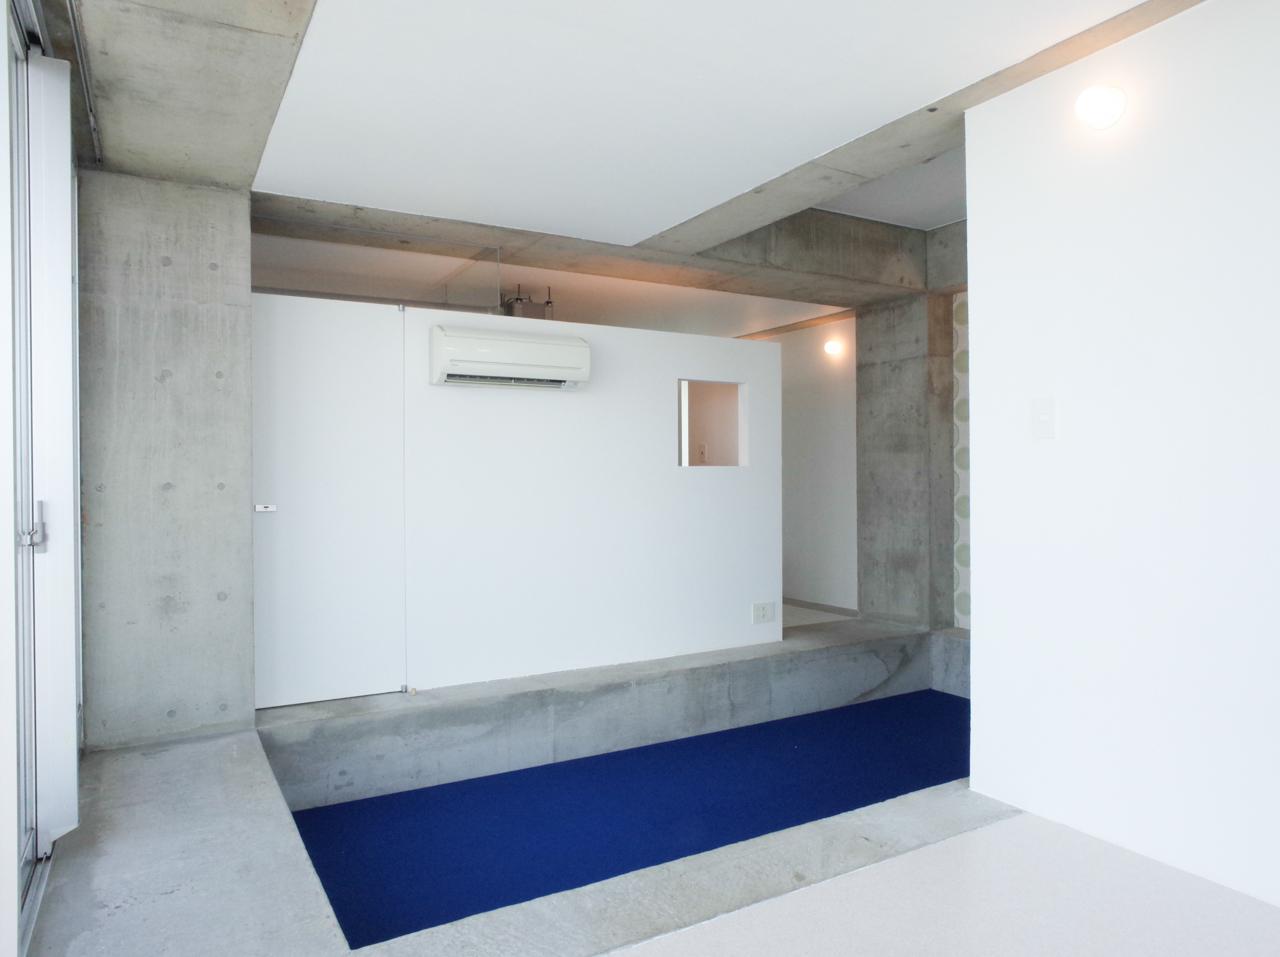 一段下がった床は、ちょうど腰掛けていい高さ。目線も変わって見える景色が違います